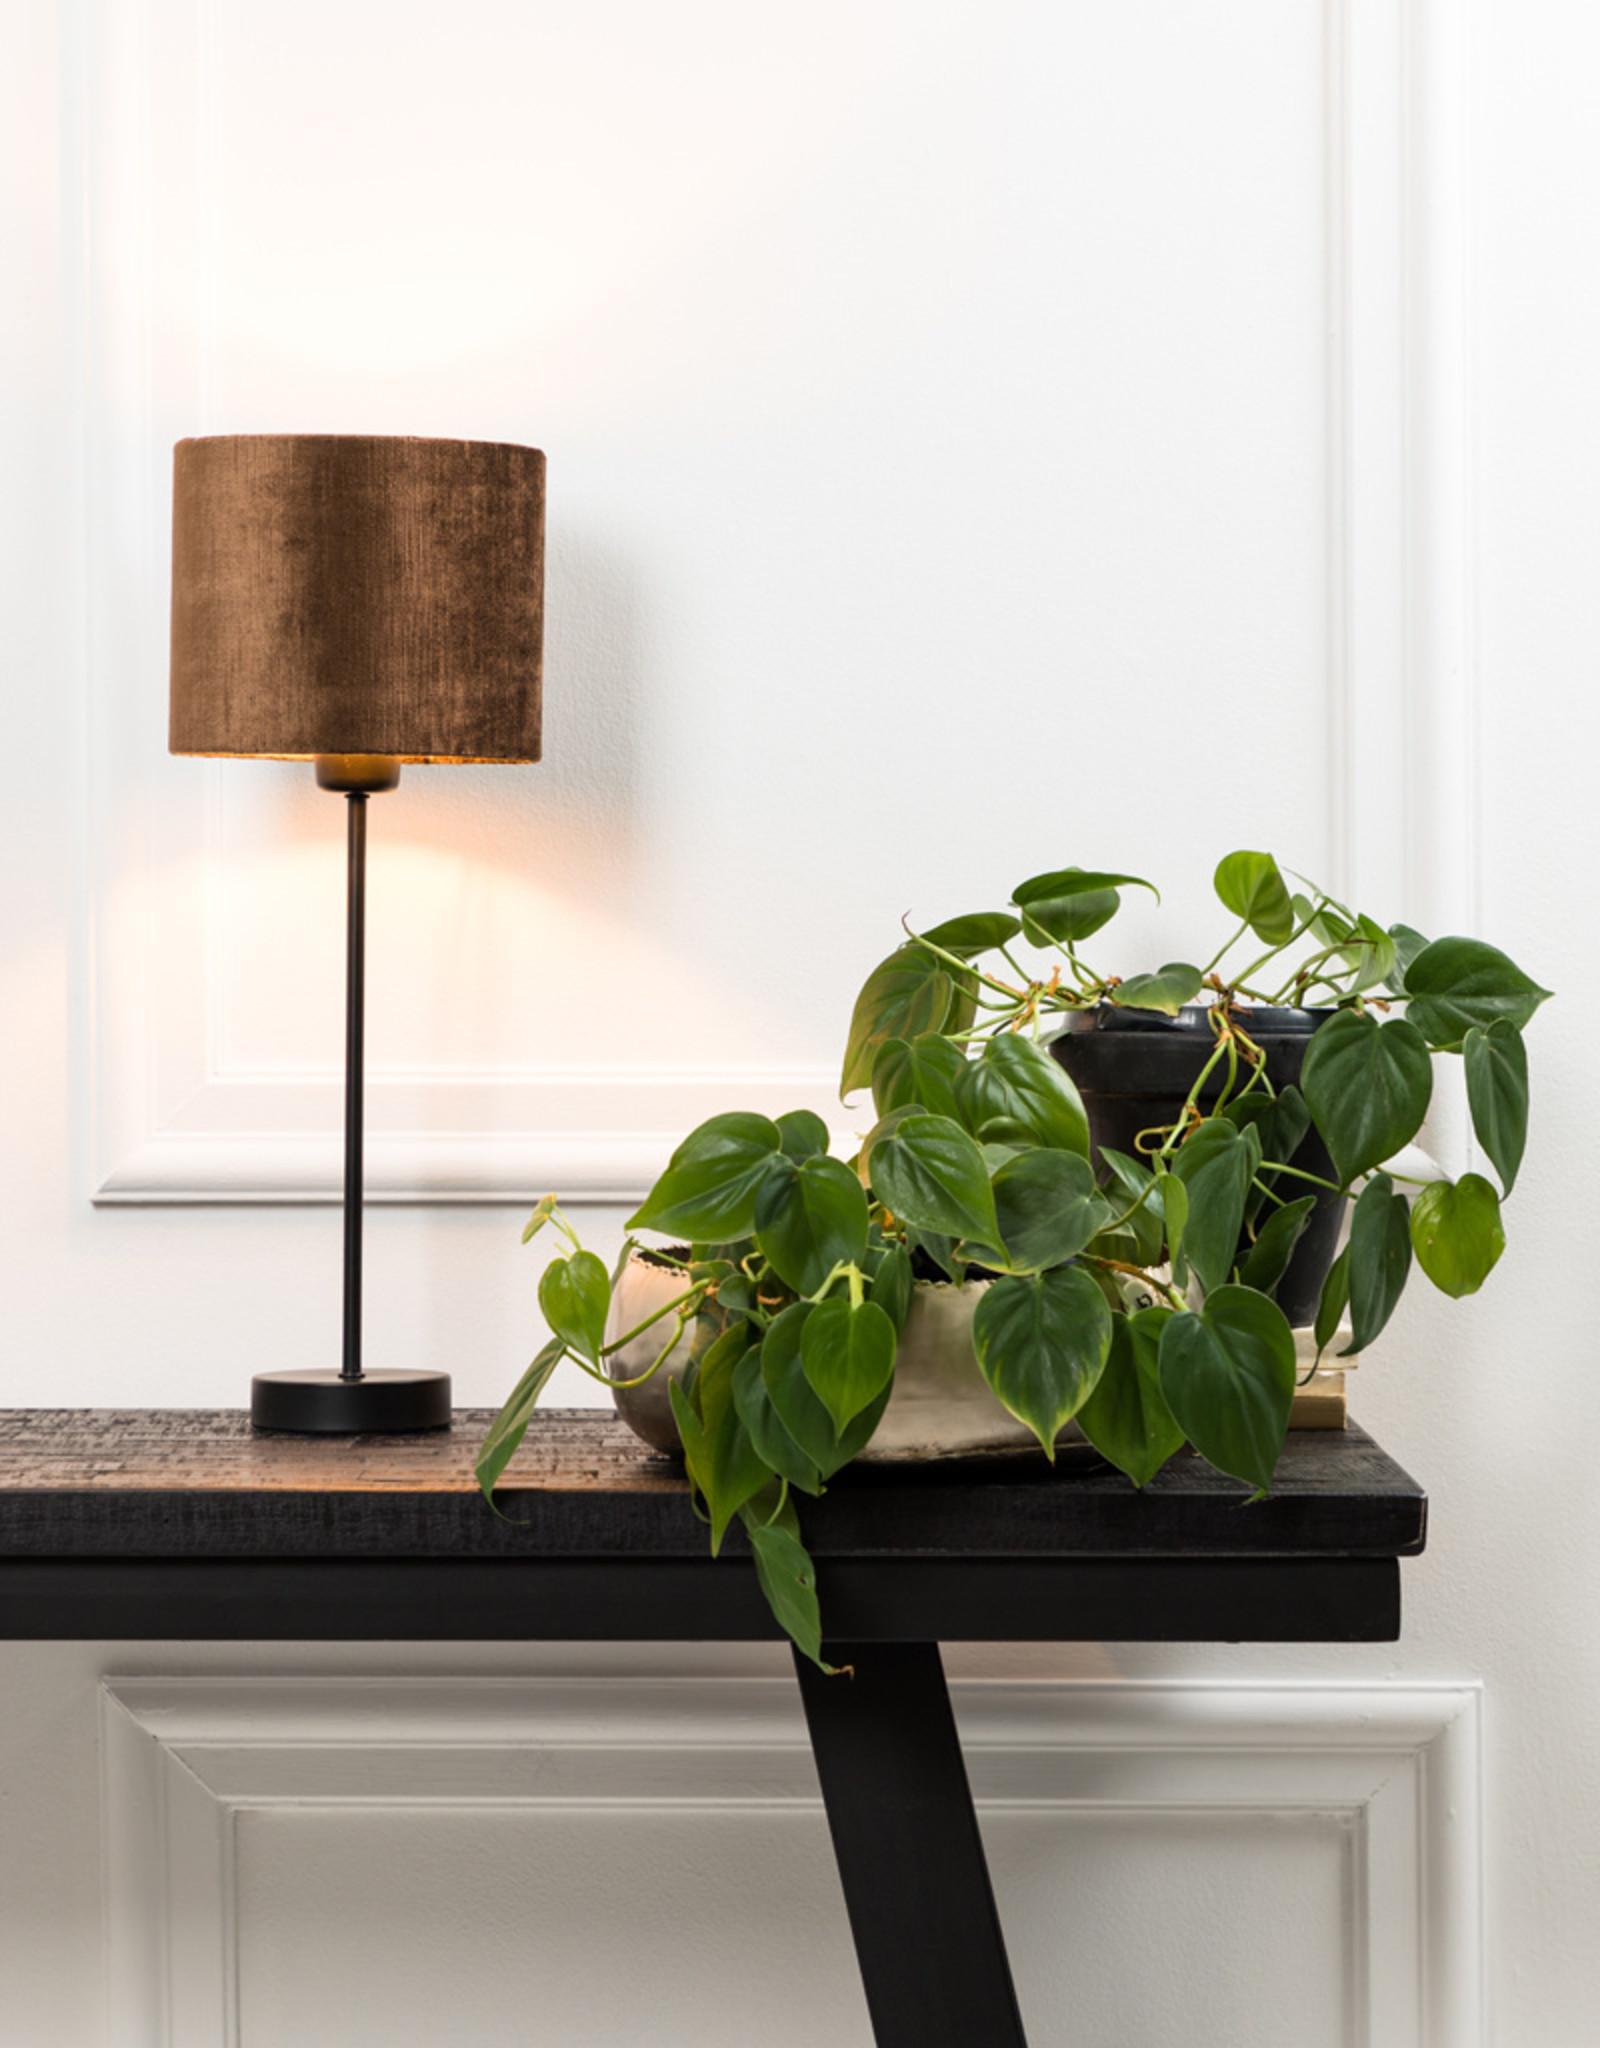 Lampvoet mat zwart